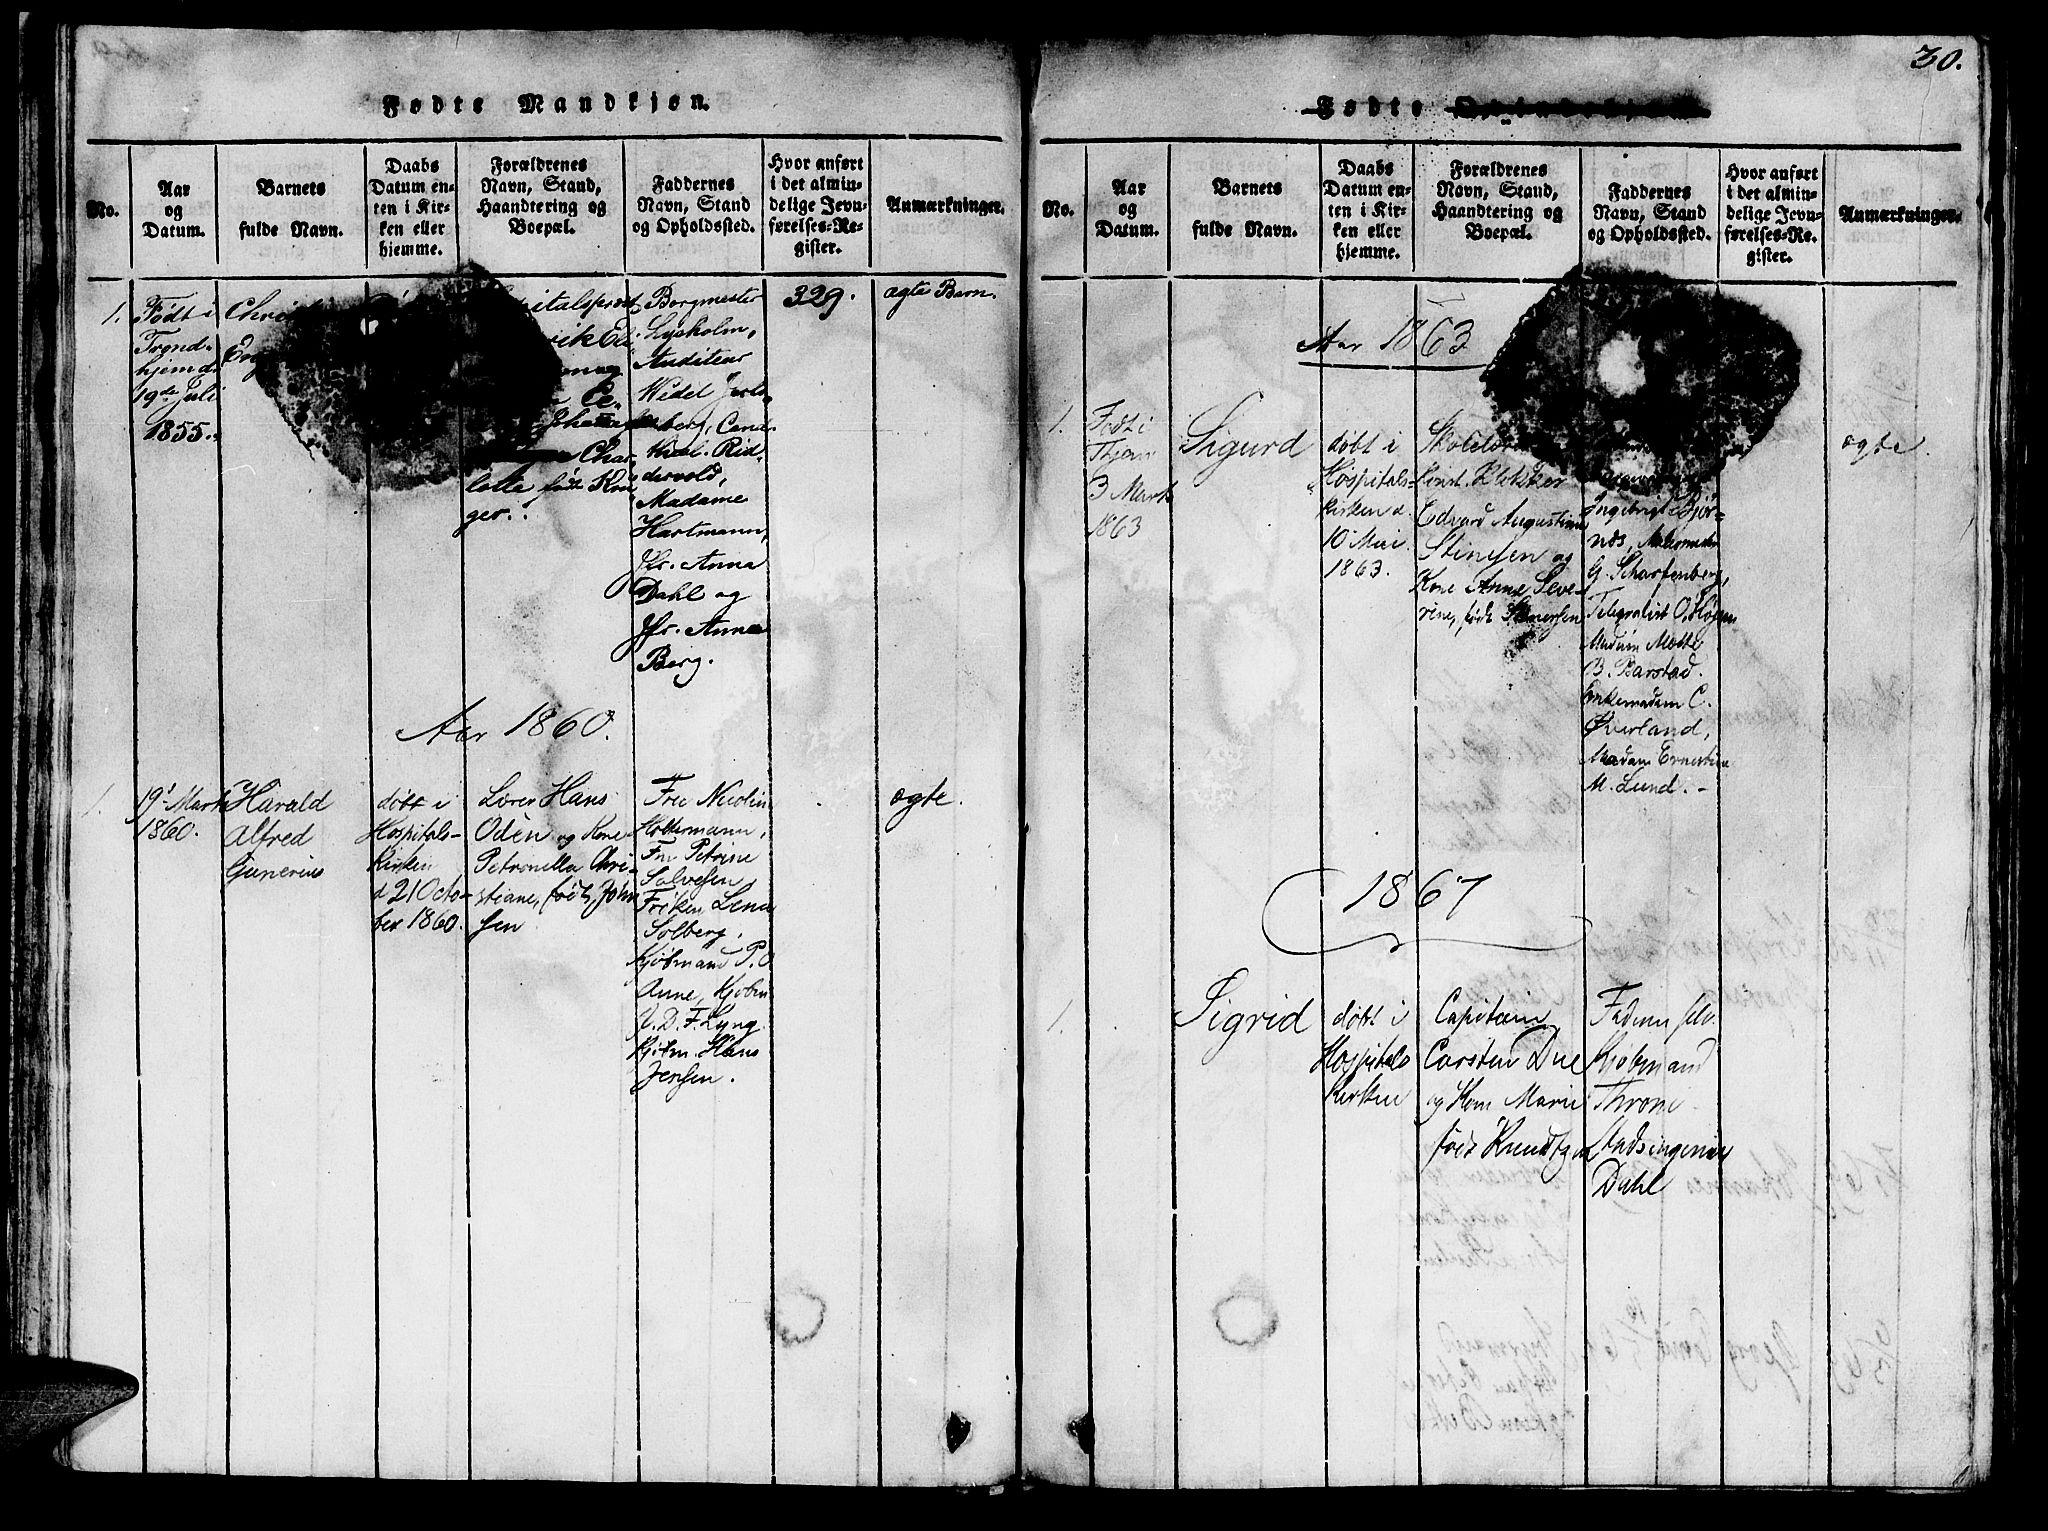 SAT, Ministerialprotokoller, klokkerbøker og fødselsregistre - Sør-Trøndelag, 623/L0478: Klokkerbok nr. 623C01, 1815-1873, s. 30